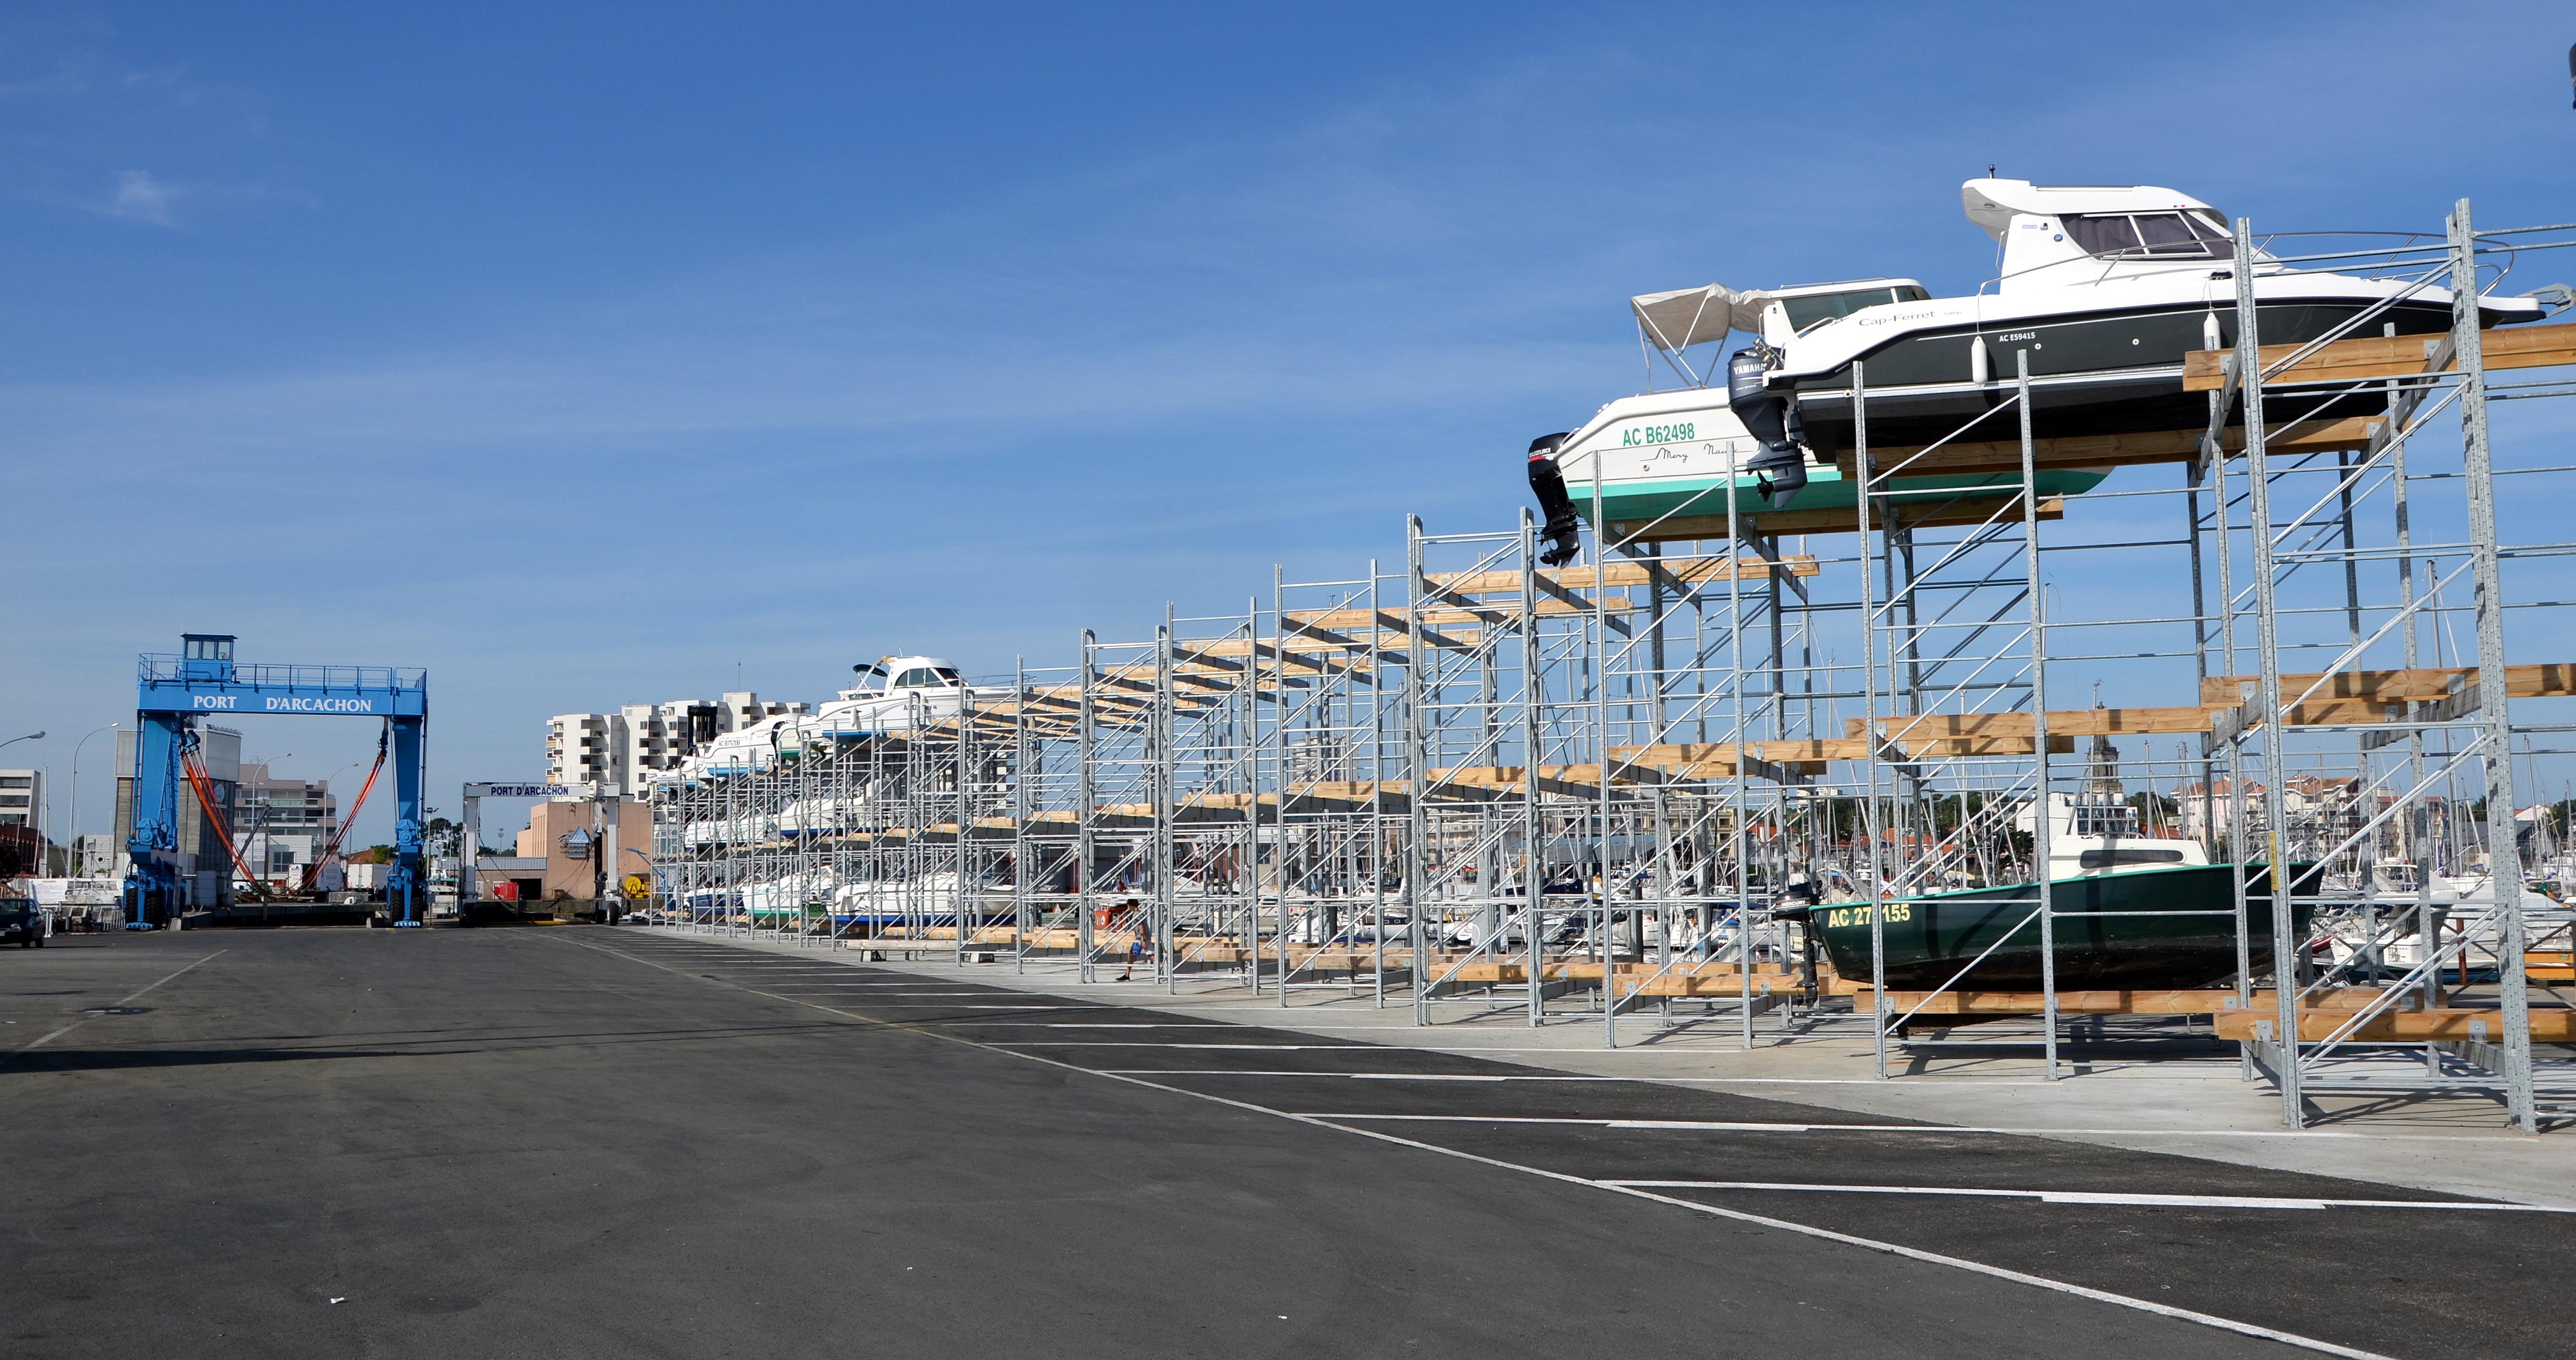 file parking a bateaux au port d arcachon dsc 0086 jpg wikimedia commons. Black Bedroom Furniture Sets. Home Design Ideas